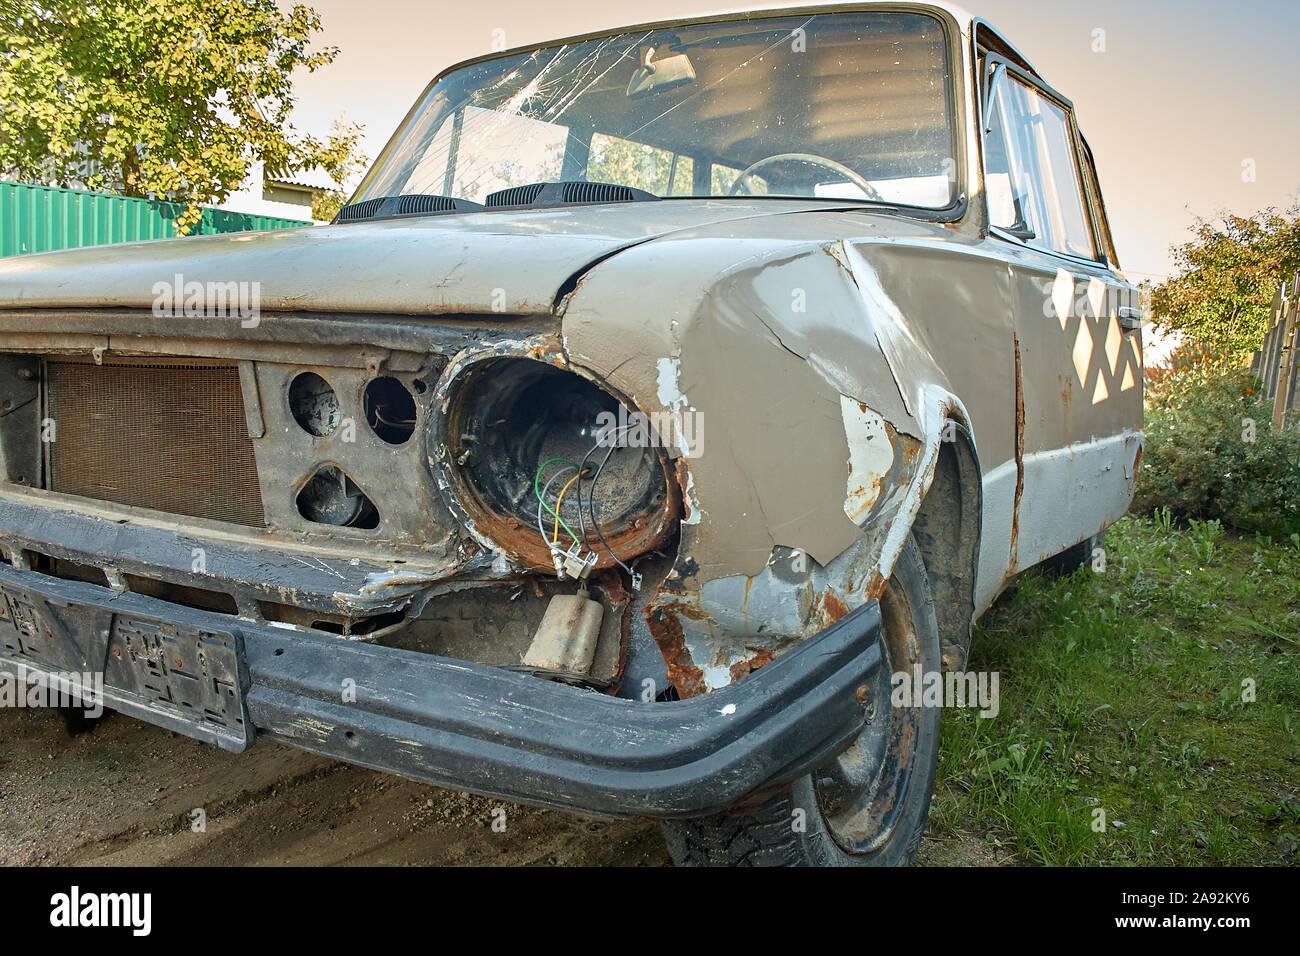 Vieille voiture accidentée dans un style vintage. Libre vue avant phares des épaves rouillées voiture abandonnée sur l'arrière-plan flou arbre vert . Banque D'Images